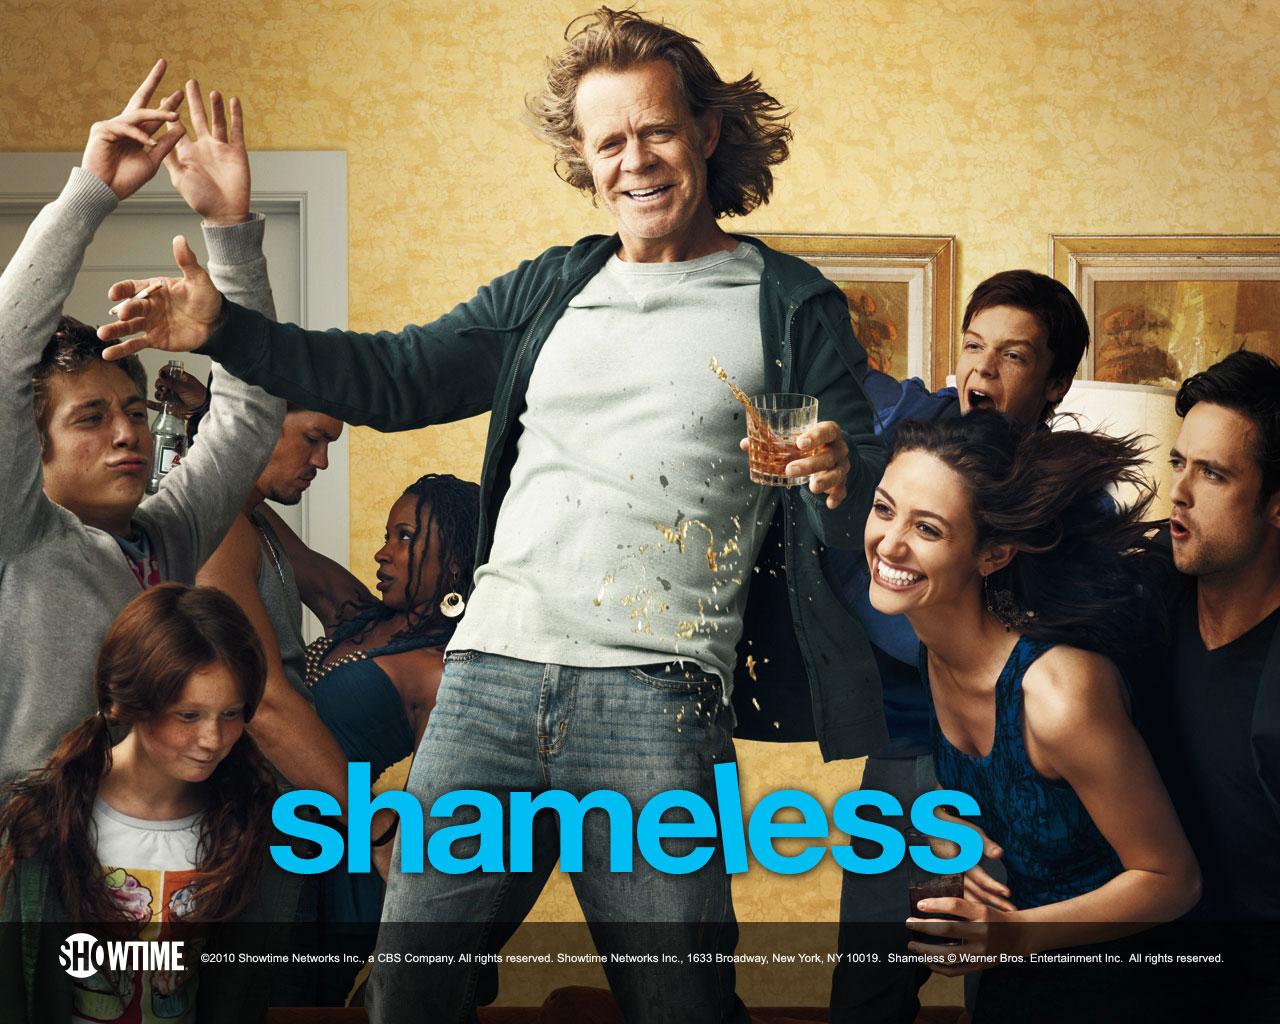 [影集] Shameless (2011~) Shameless_1280x1024